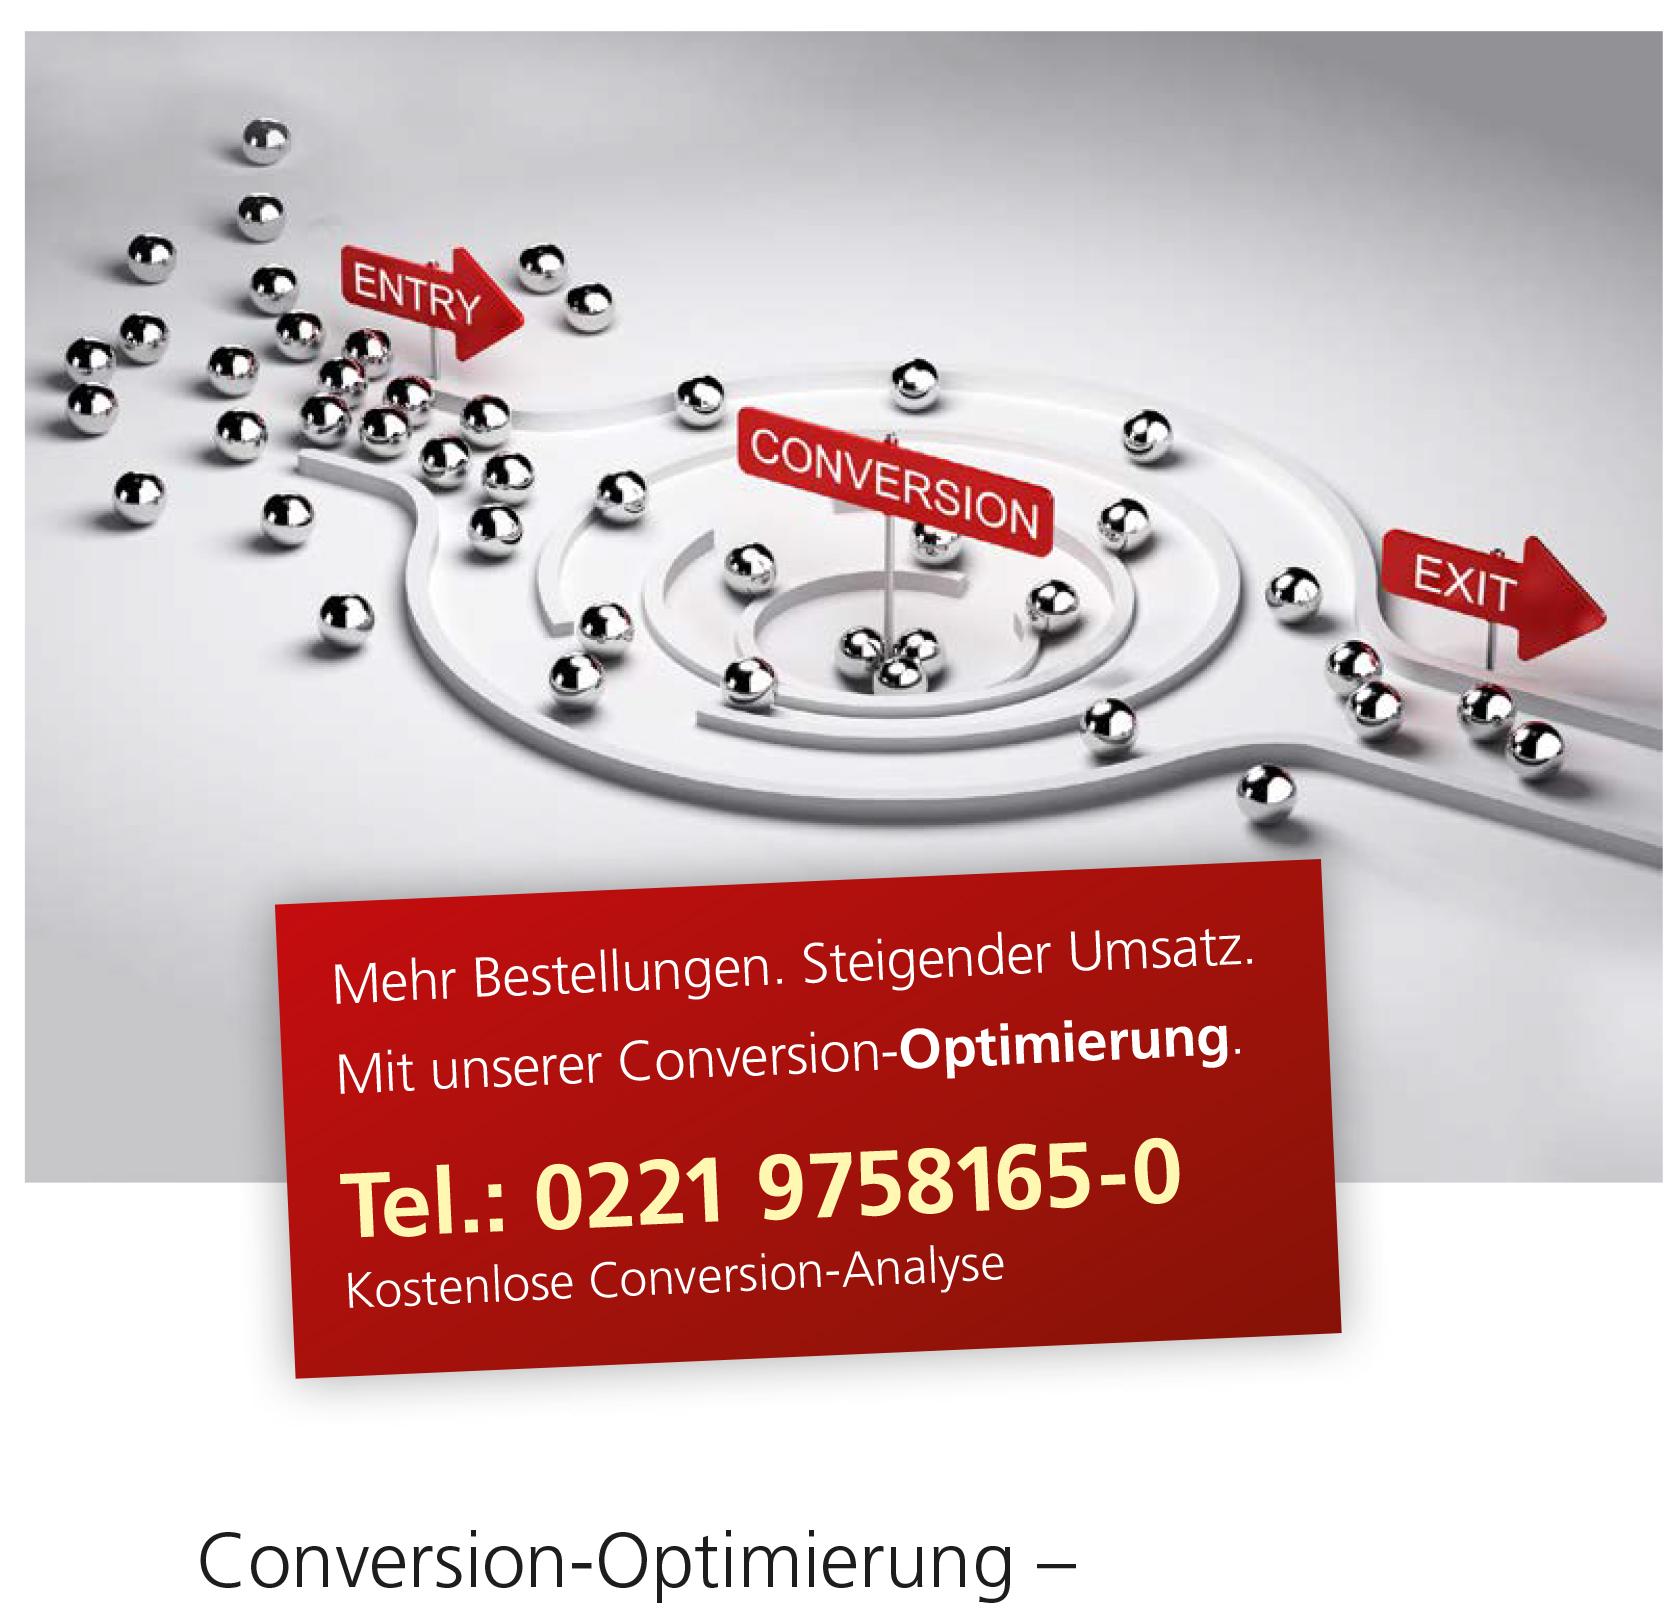 Conversion Leistungen eCommerce